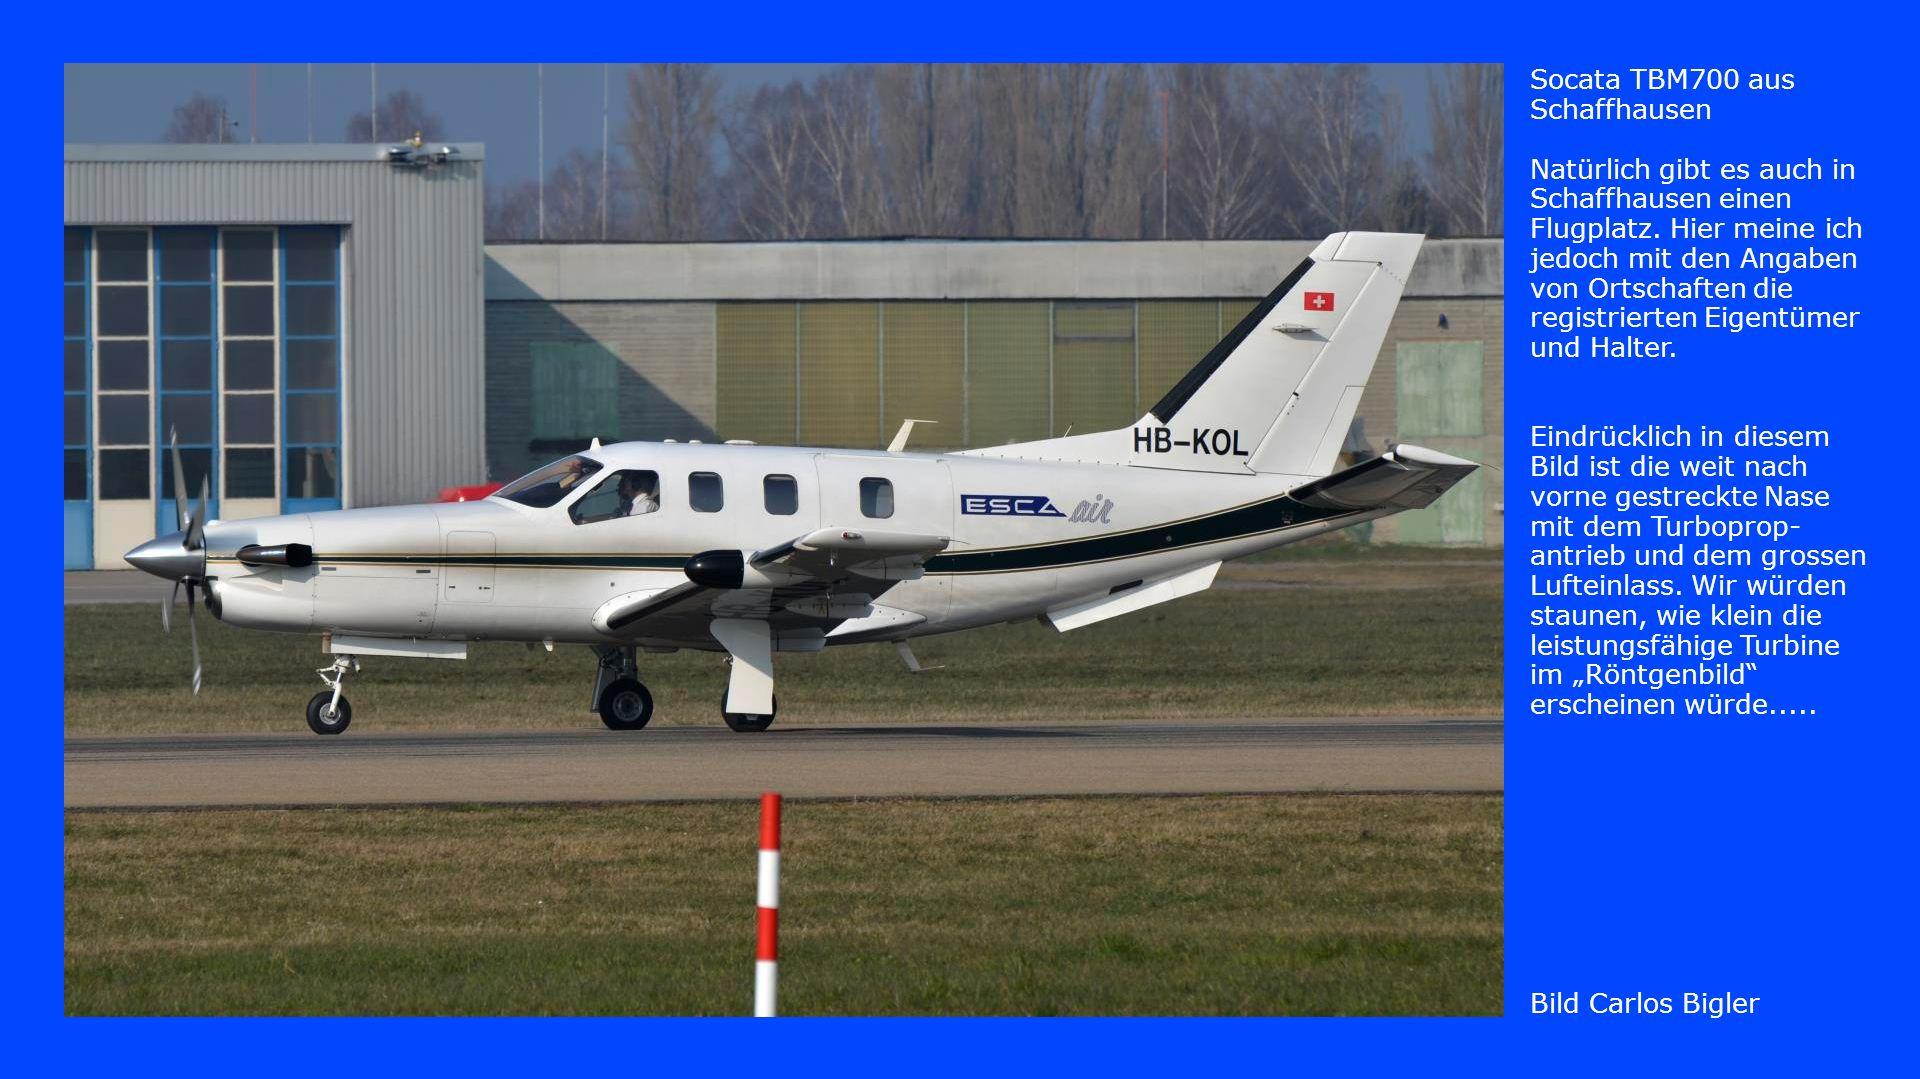 Socata TBM700 aus Schaffhausen Natürlich gibt es auch in Schaffhausen einen Flugplatz.